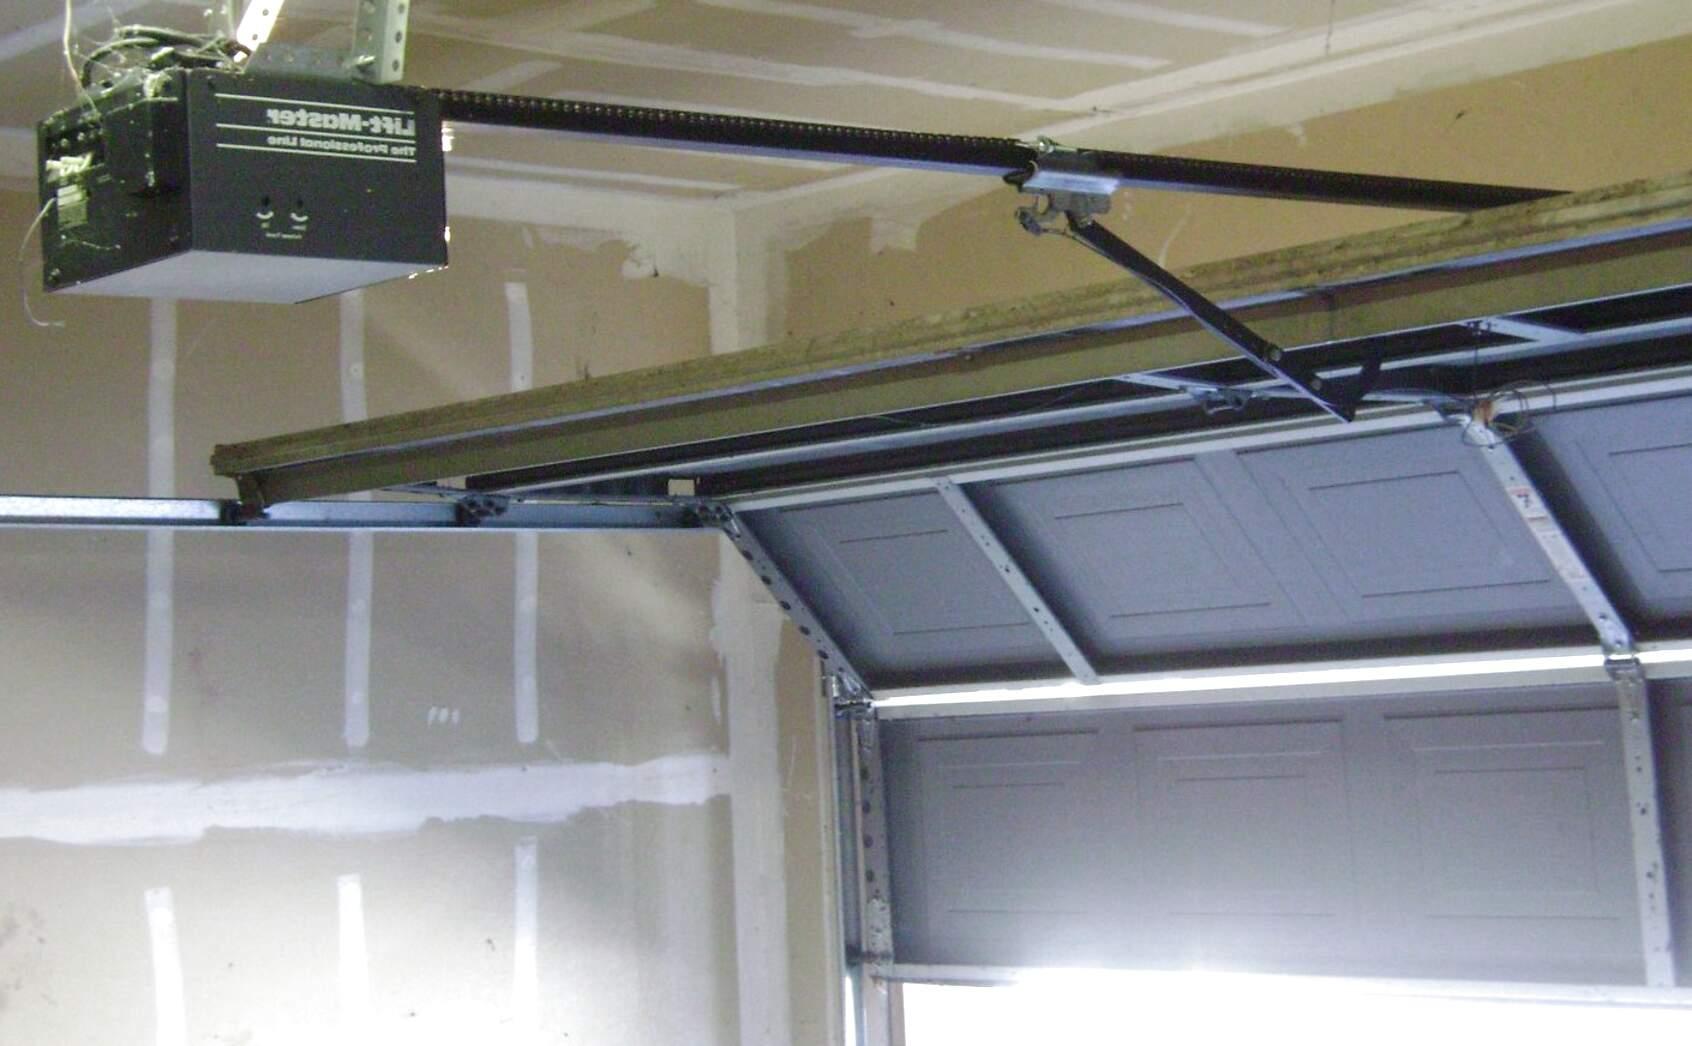 Electric Garage Door Opener For Sale In Uk